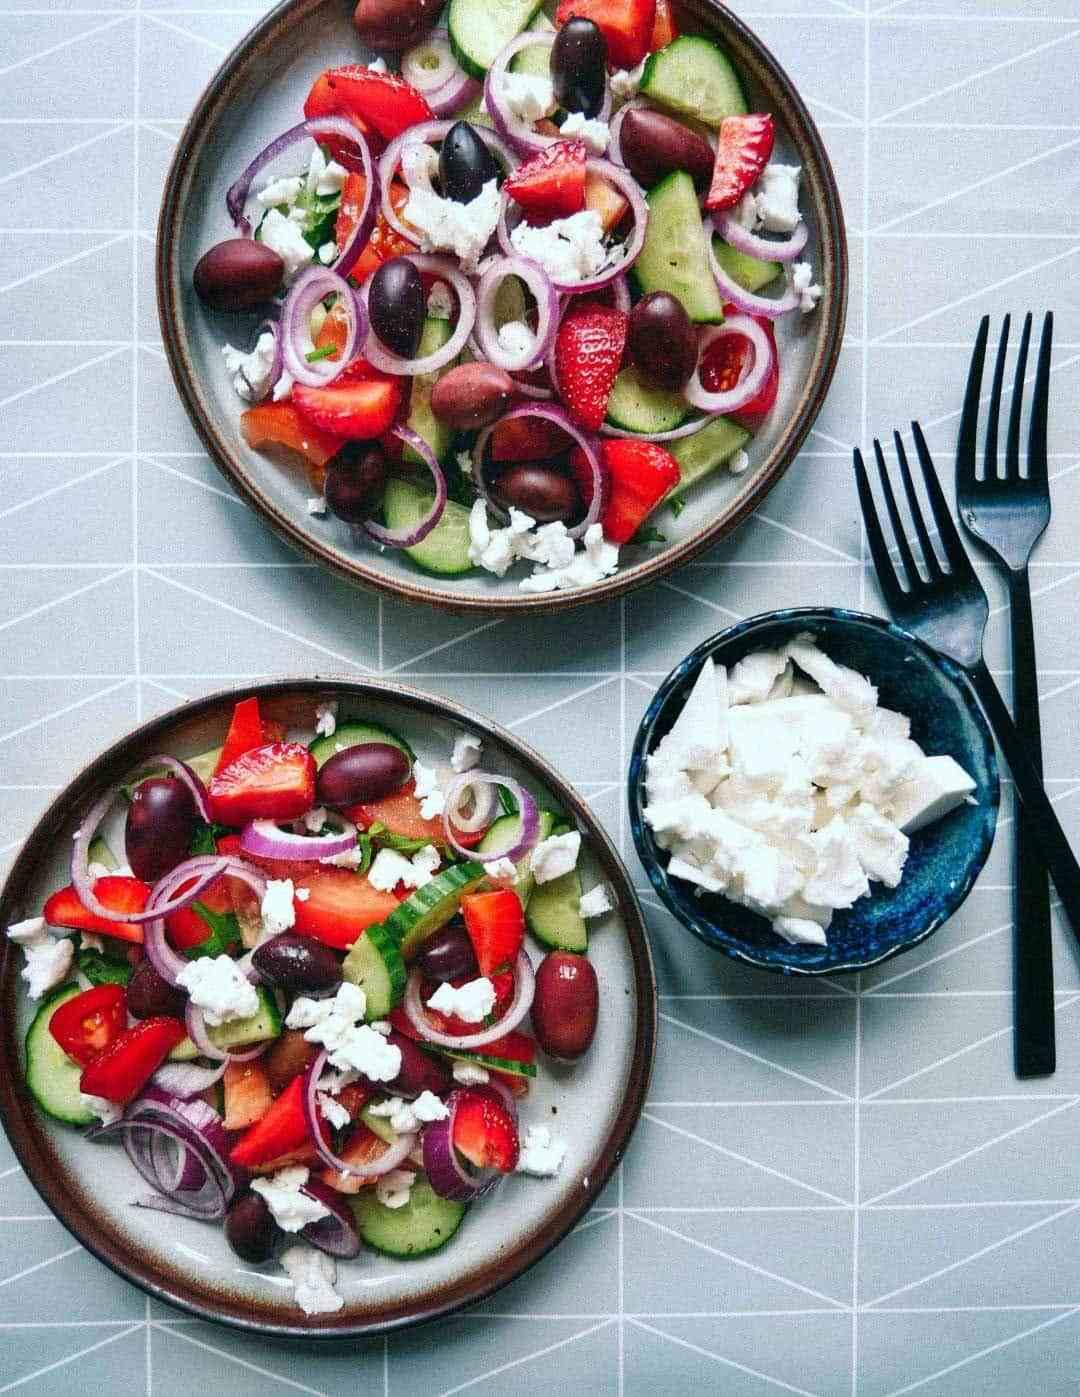 græsk salad